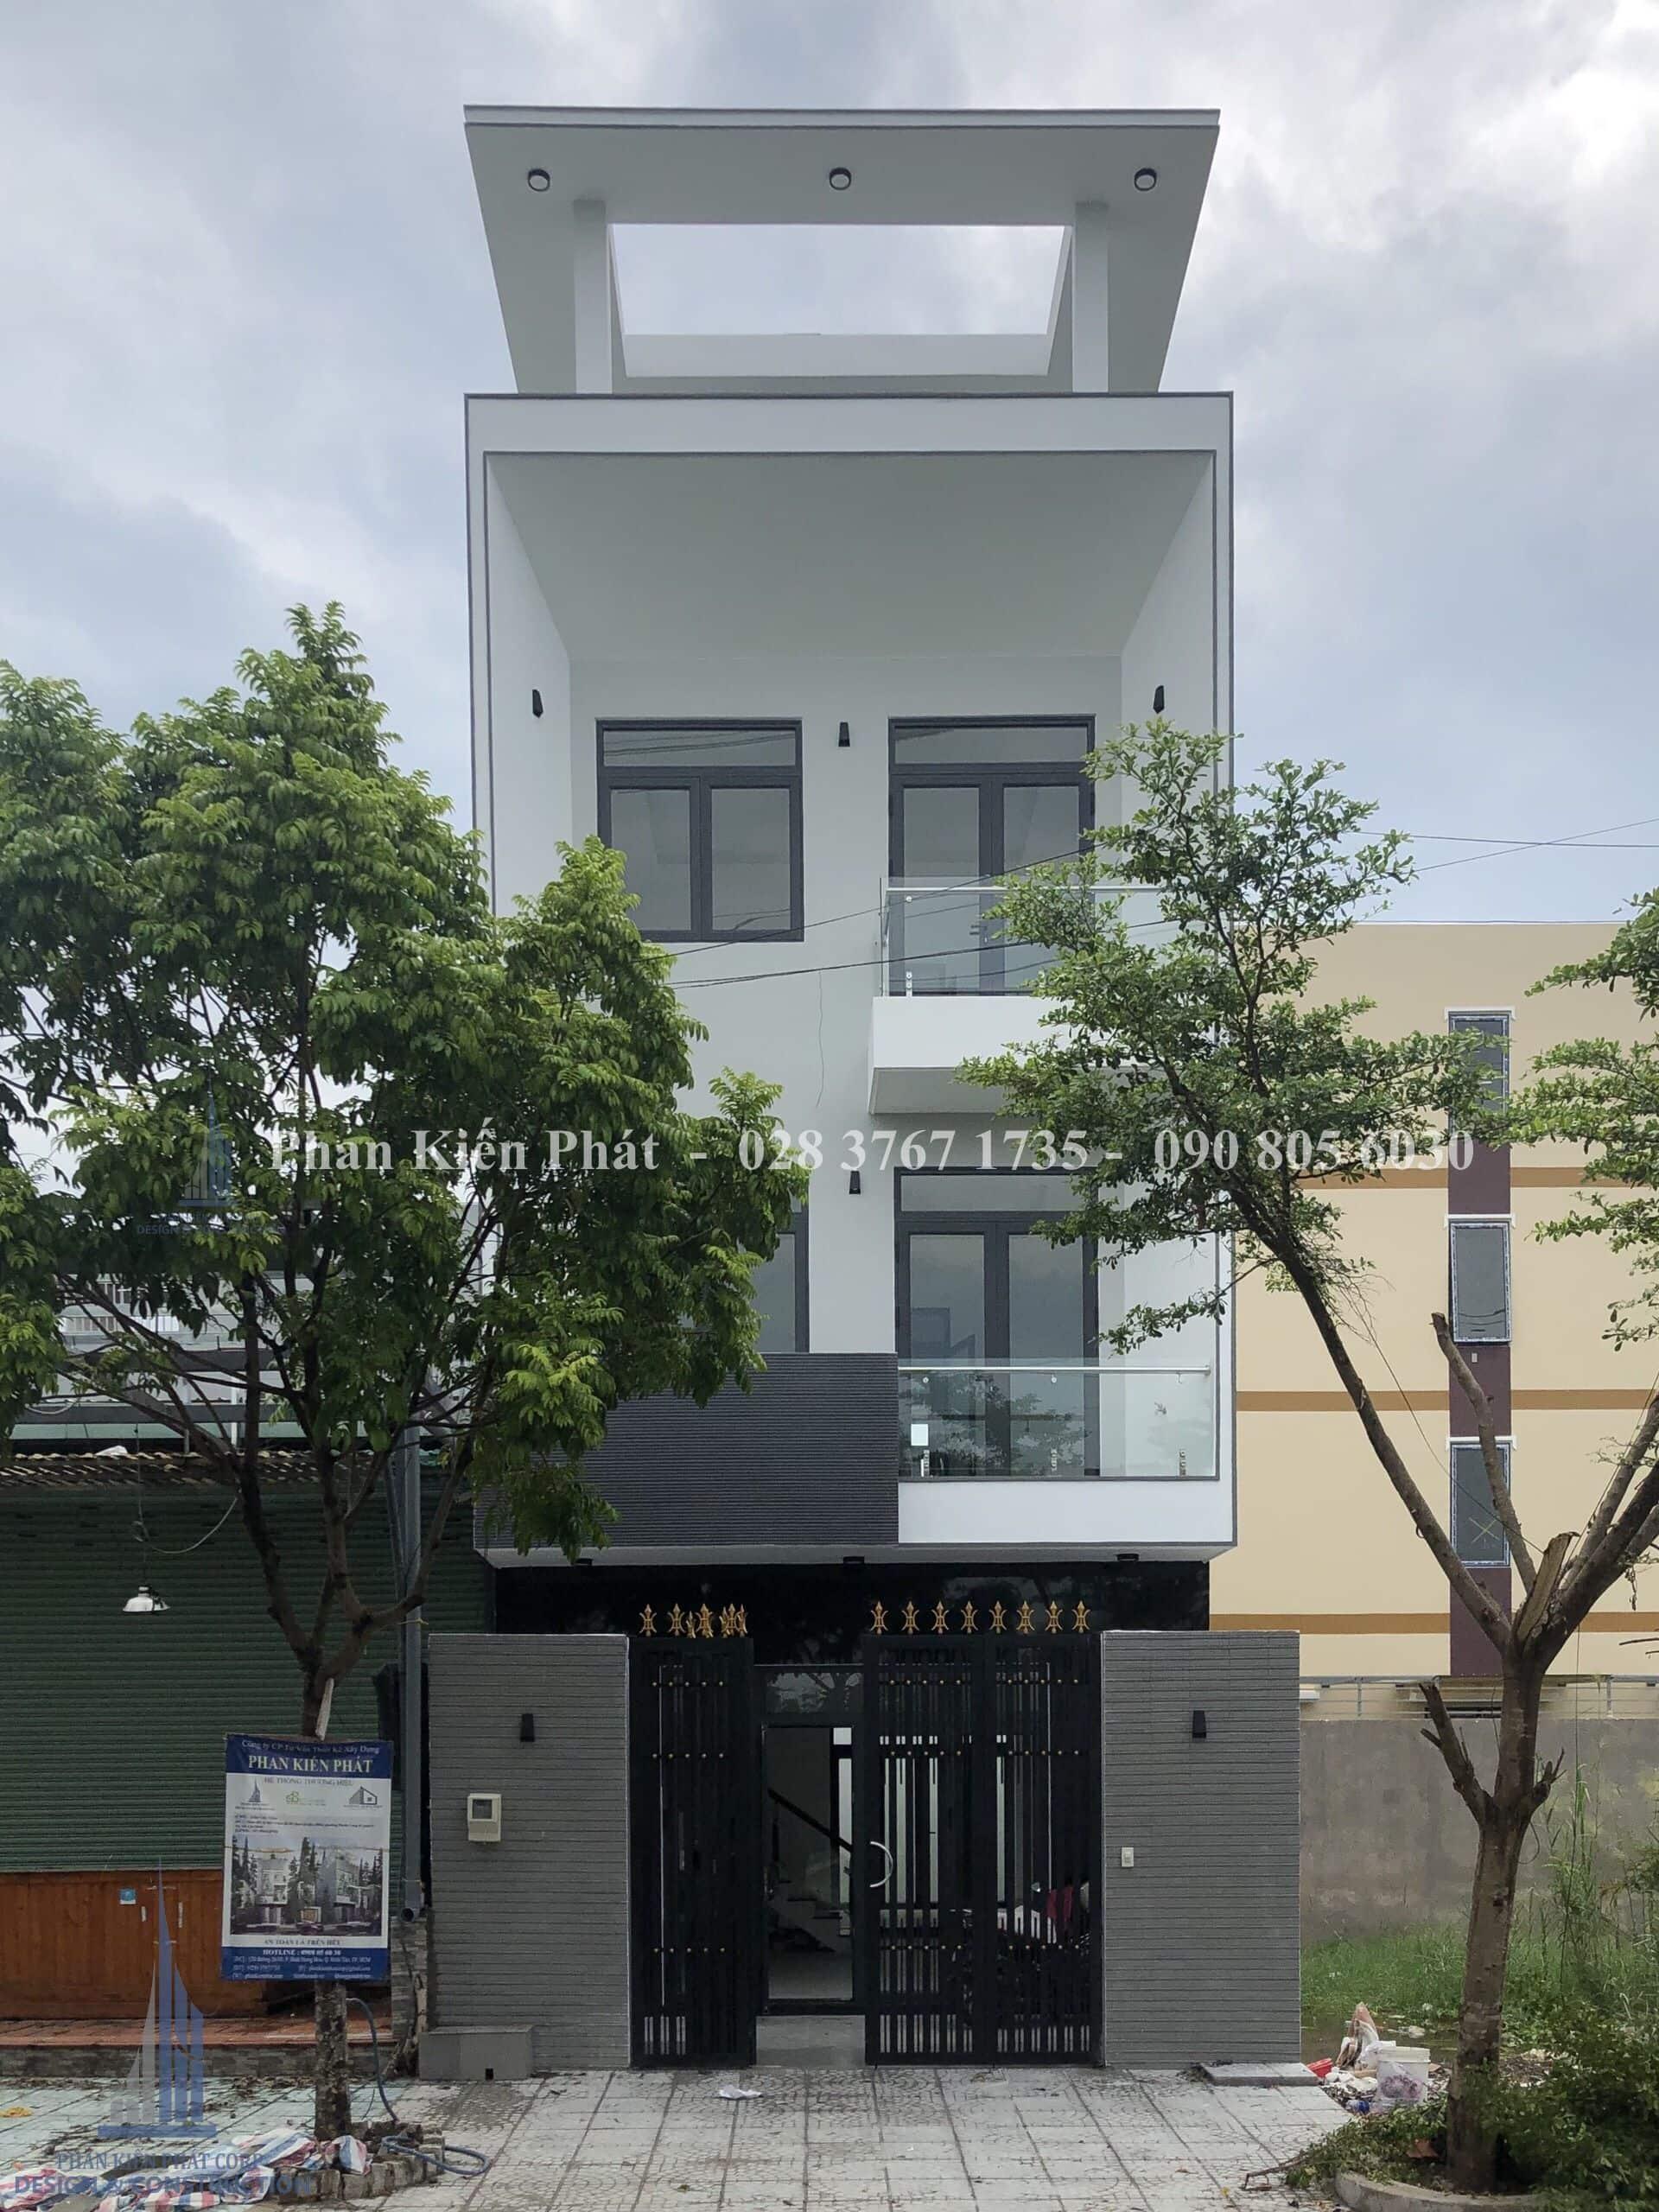 Thi công nhà phố hiện đại ngang 5,5m cao 4 tầng tại quận 9